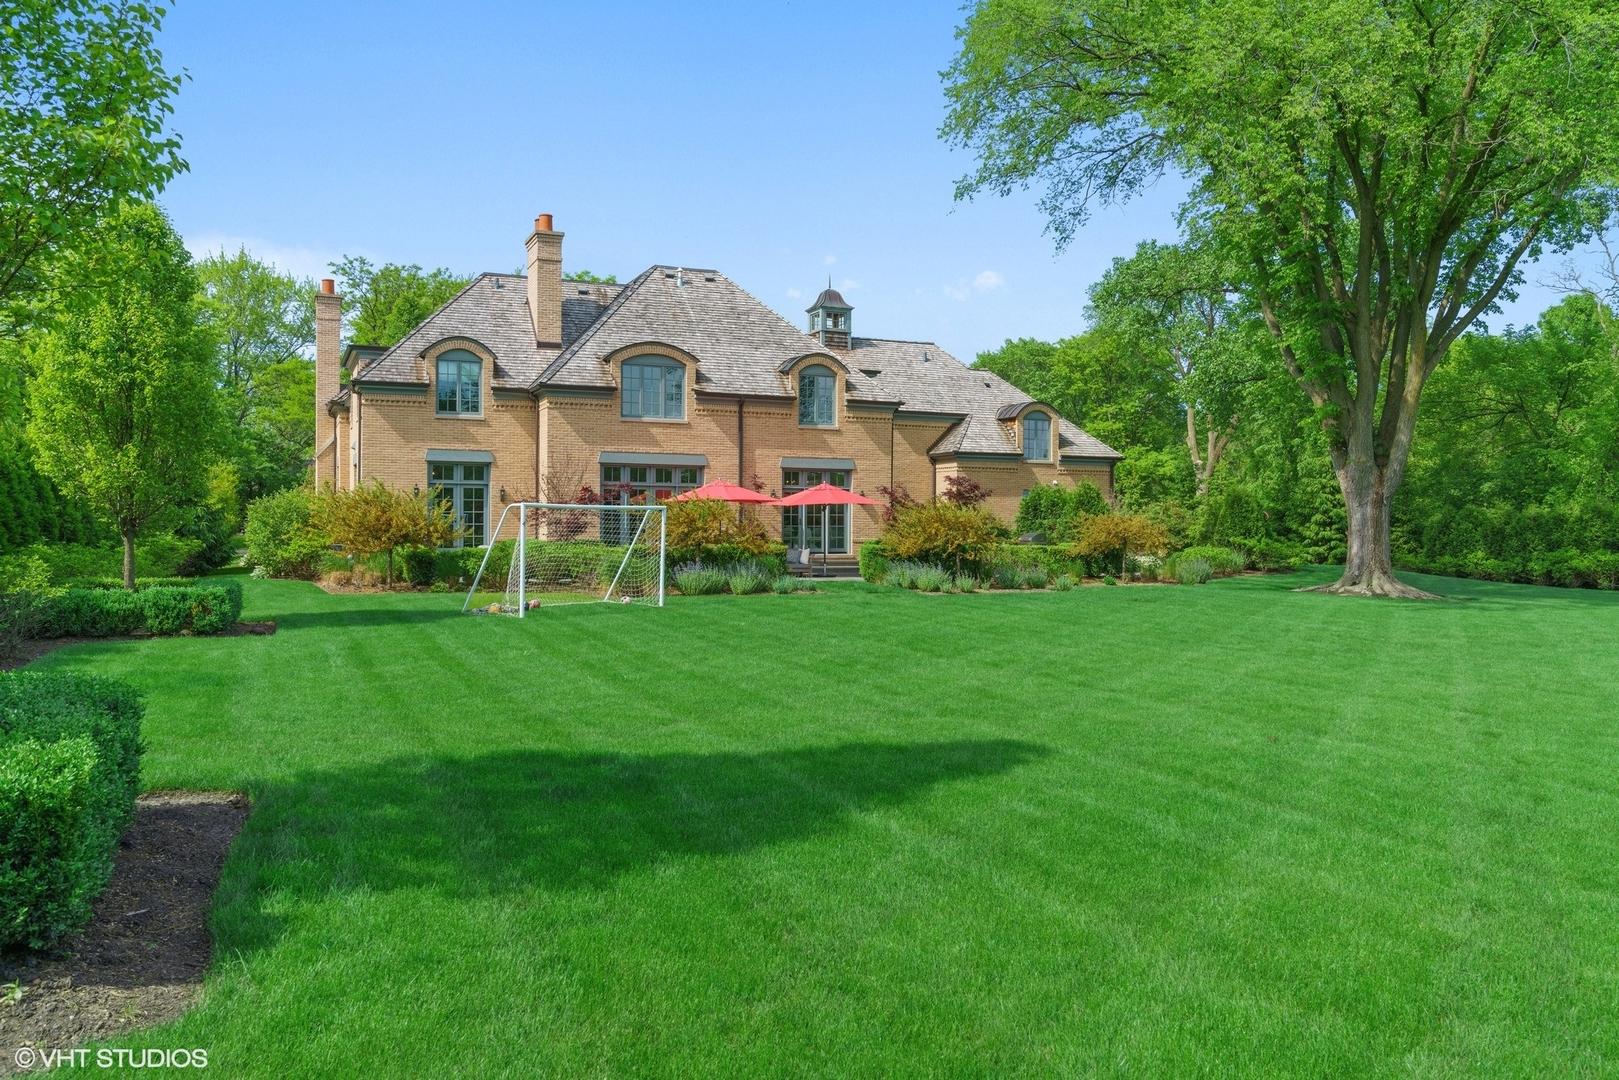 345 West Onwentsia, Lake Forest, Illinois, 60045